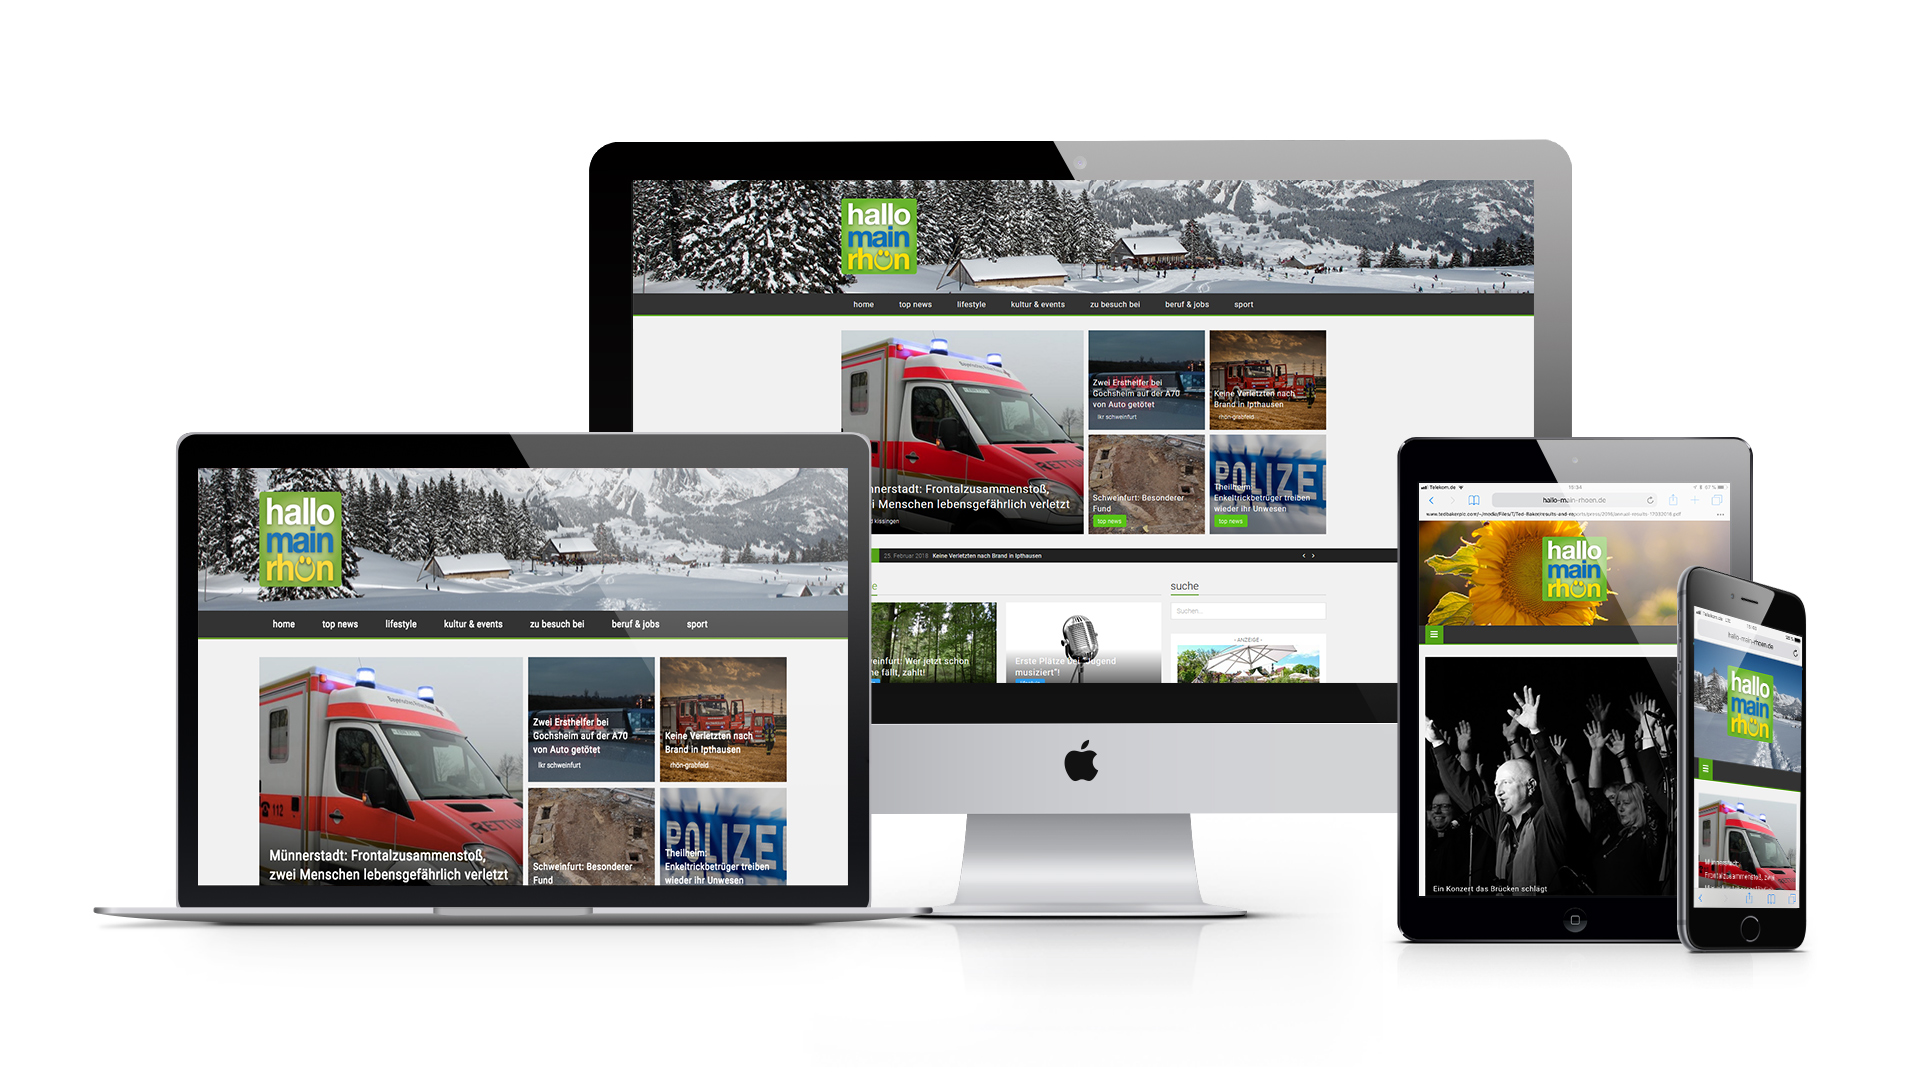 Hallo Main-Rhön Webseite auf den Geräten: iMac, macbook, ipad und iphone zu sehen